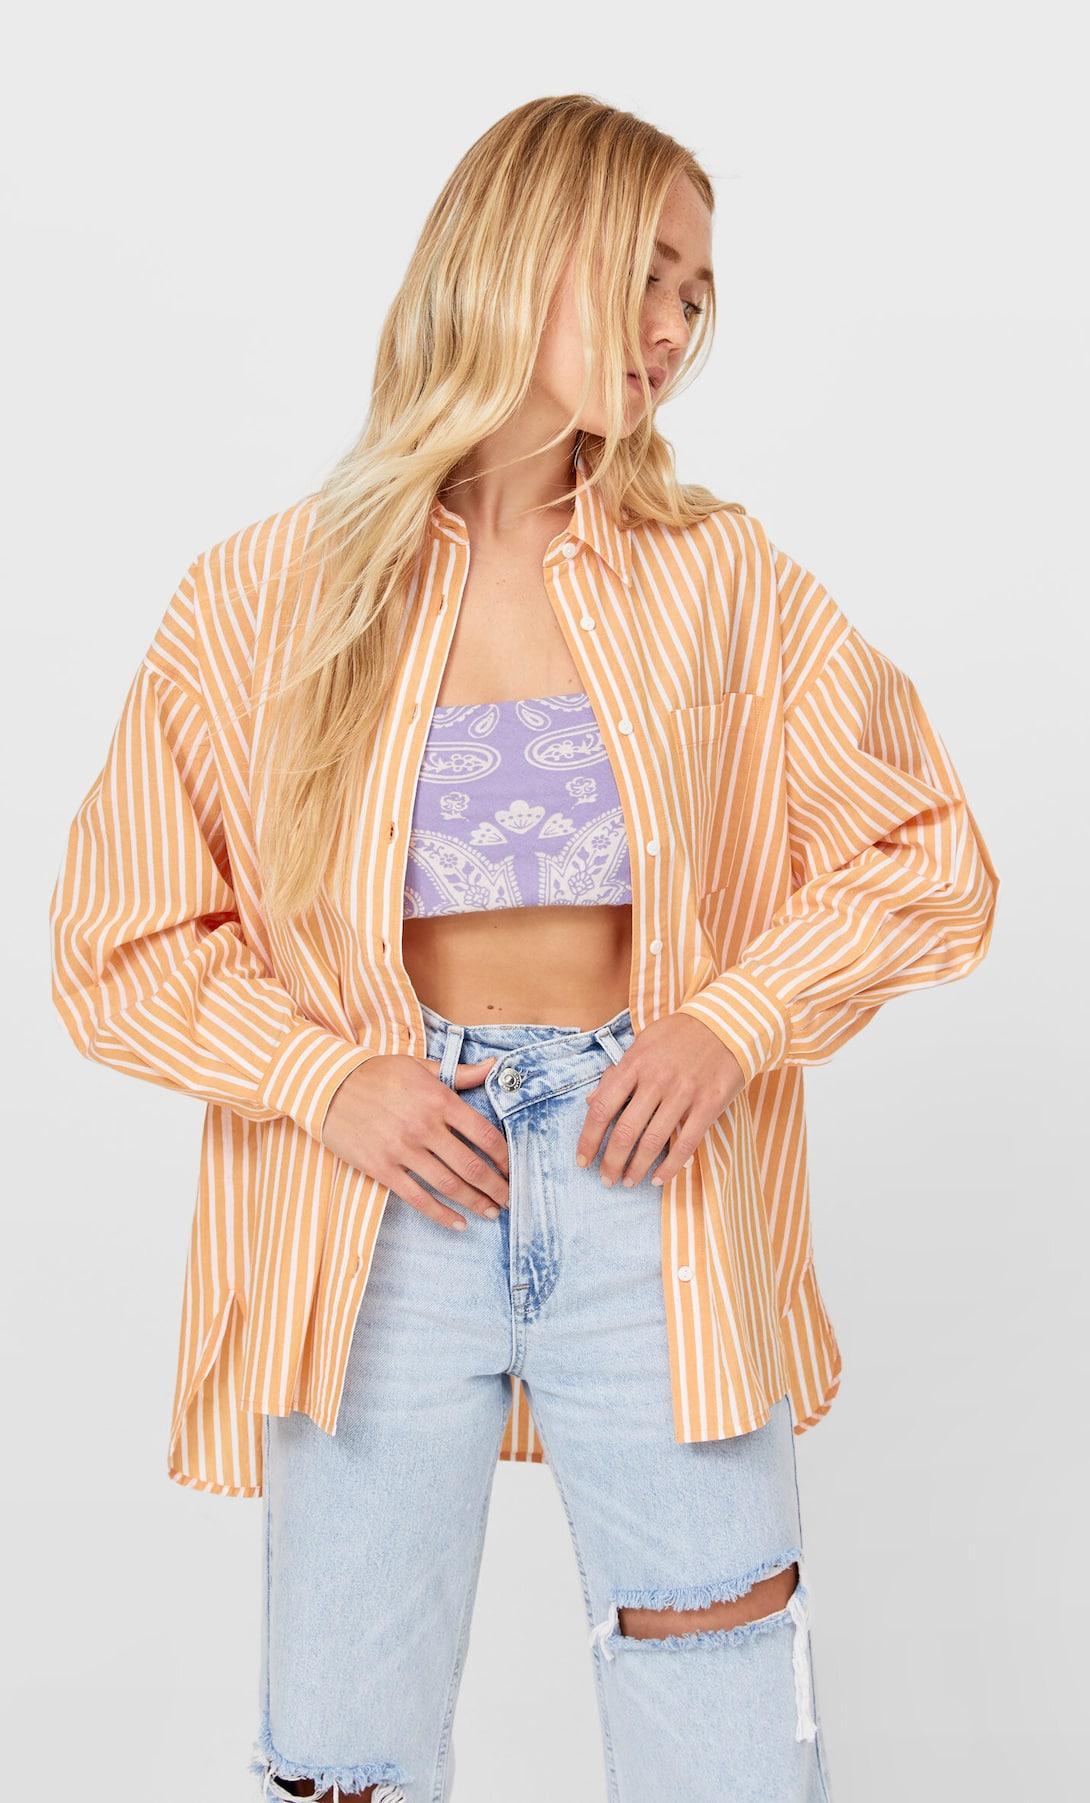 Boyfriend blouse